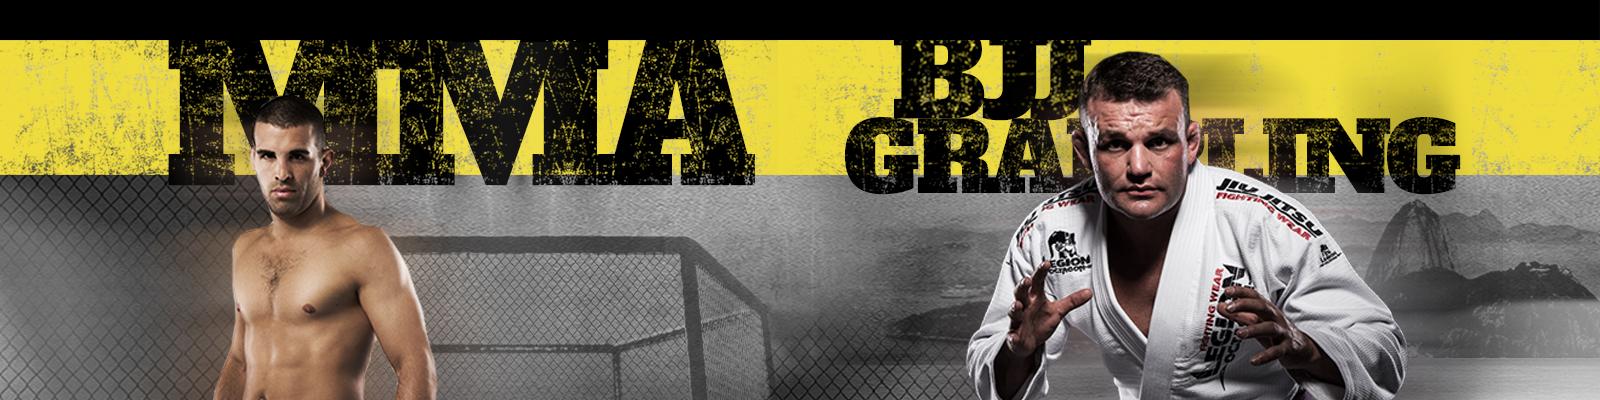 MMA / BJJ / Grappling